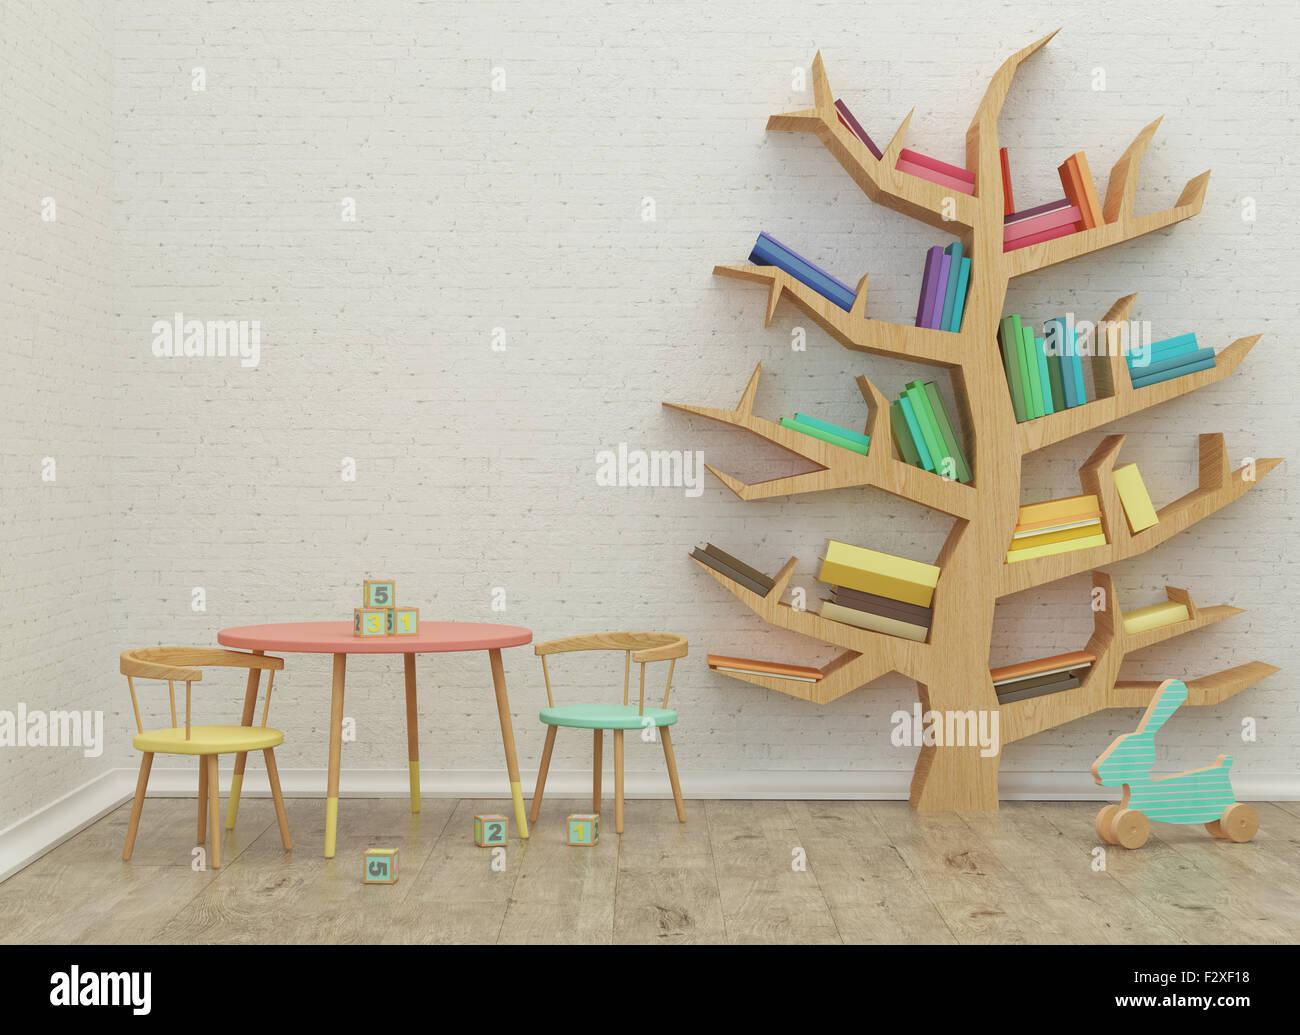 Kinder Games Room interior 3d Render Bild mit bunten Bücher und Spielzeug Stockbild